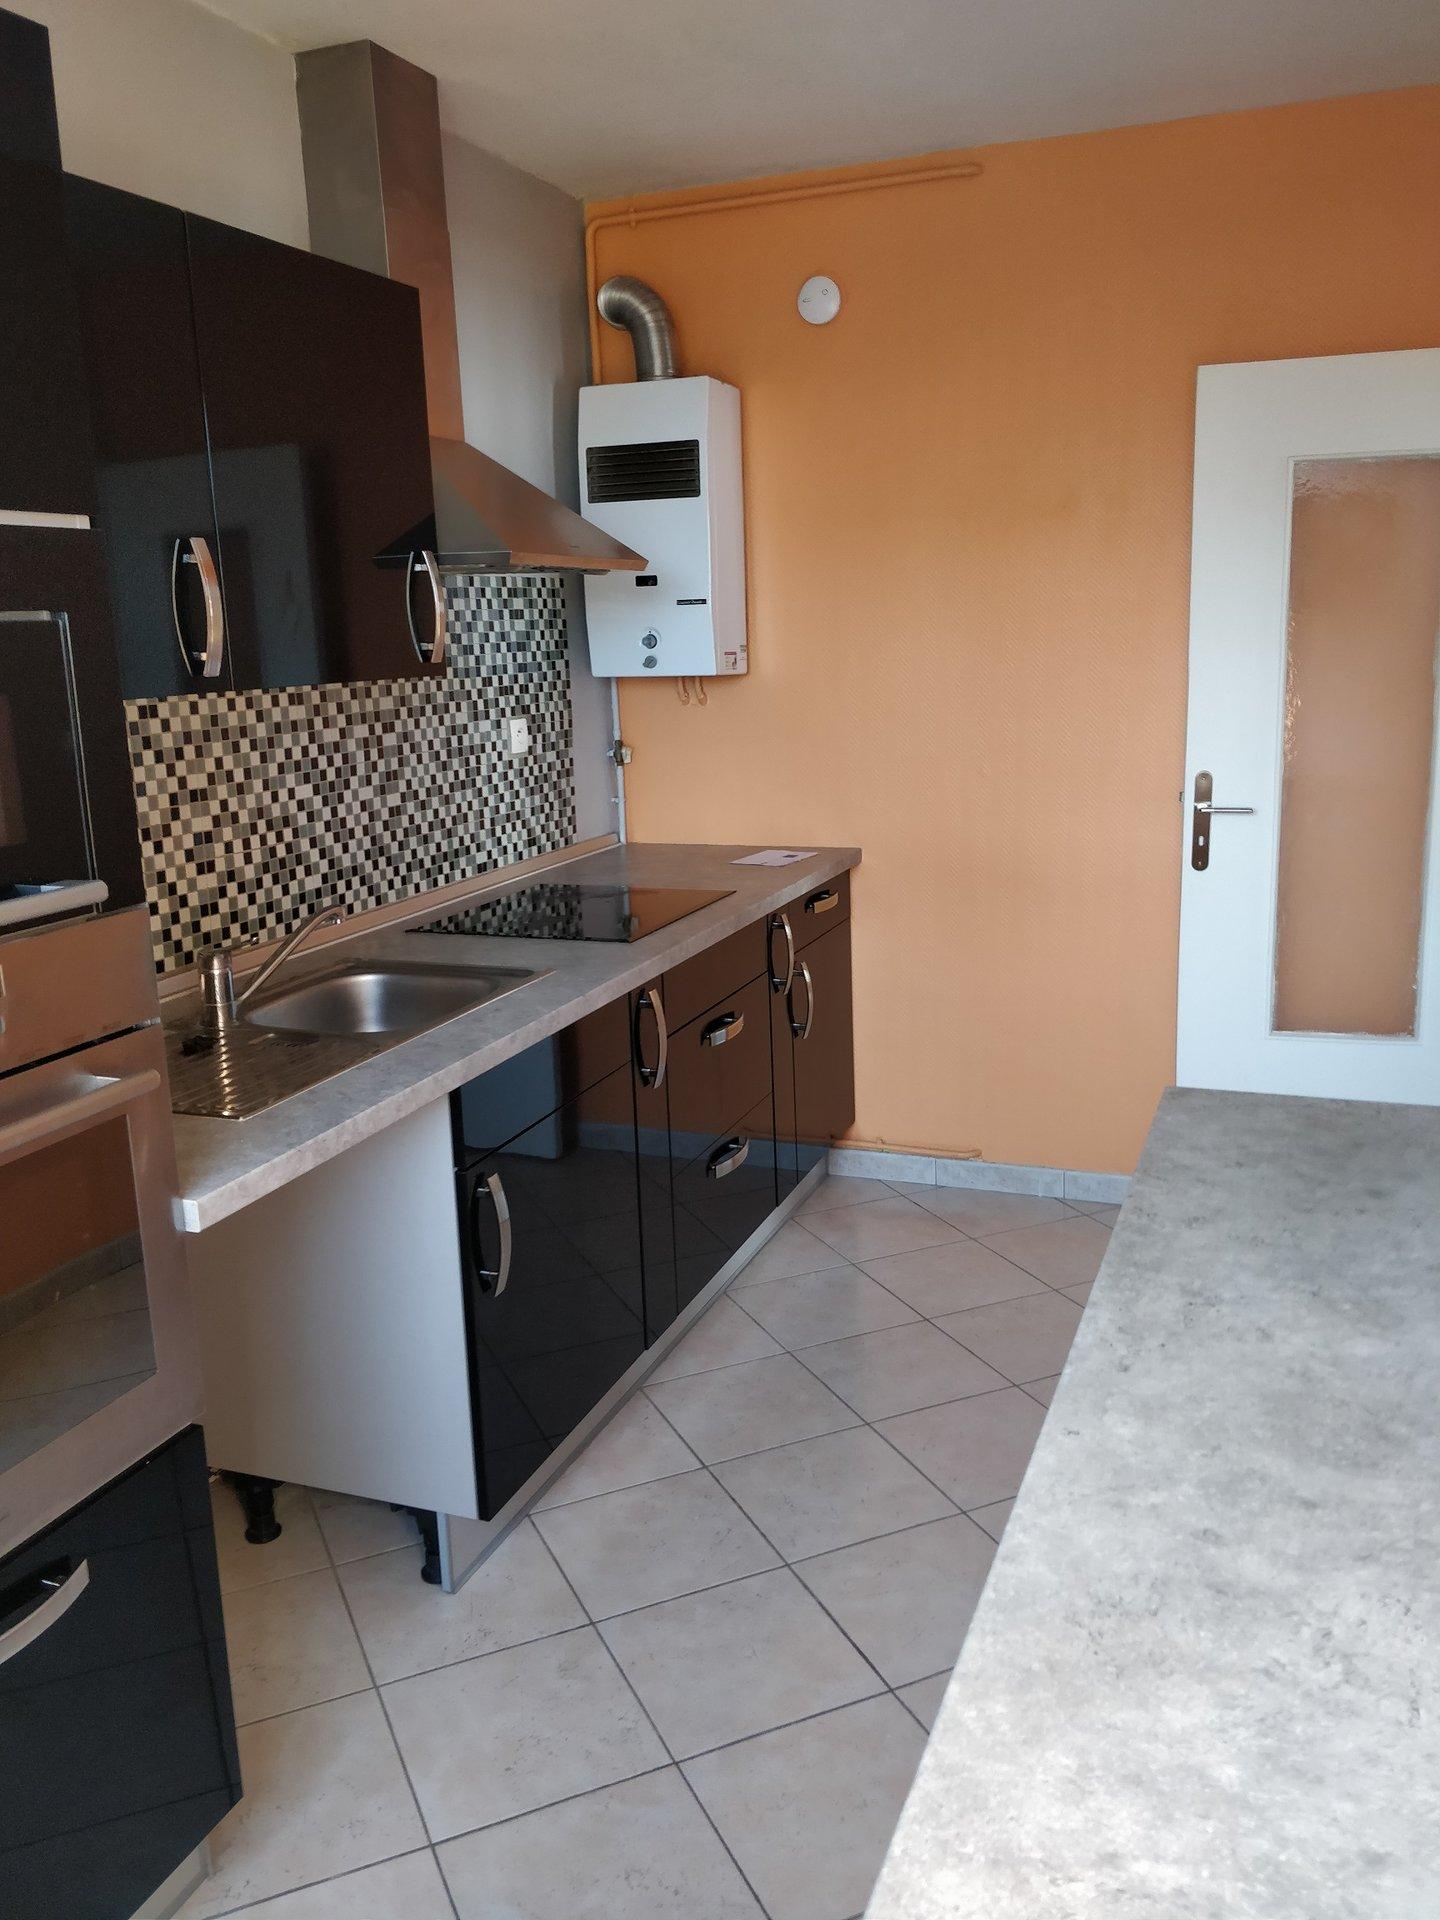 Nantes - Romanet - Appartement 3 pièces de 62 m2